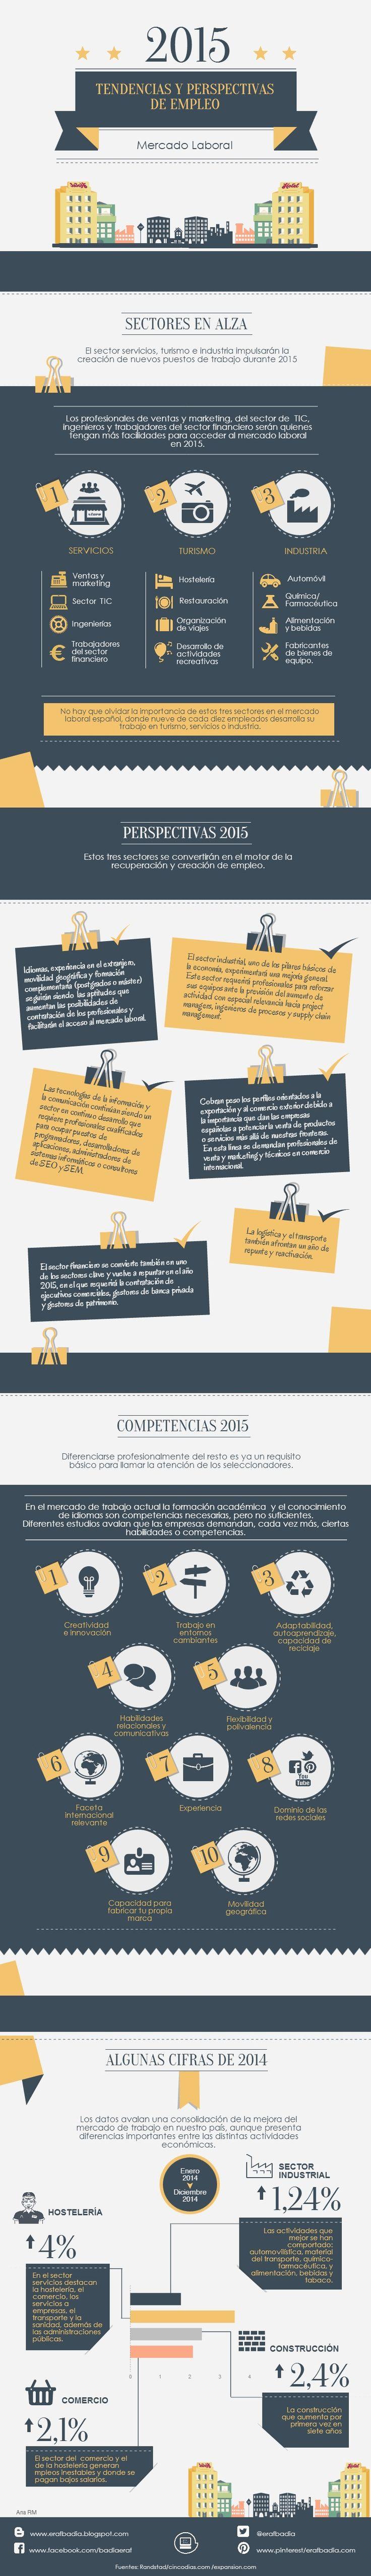 Tendencias y perspectivas de empleo 2015